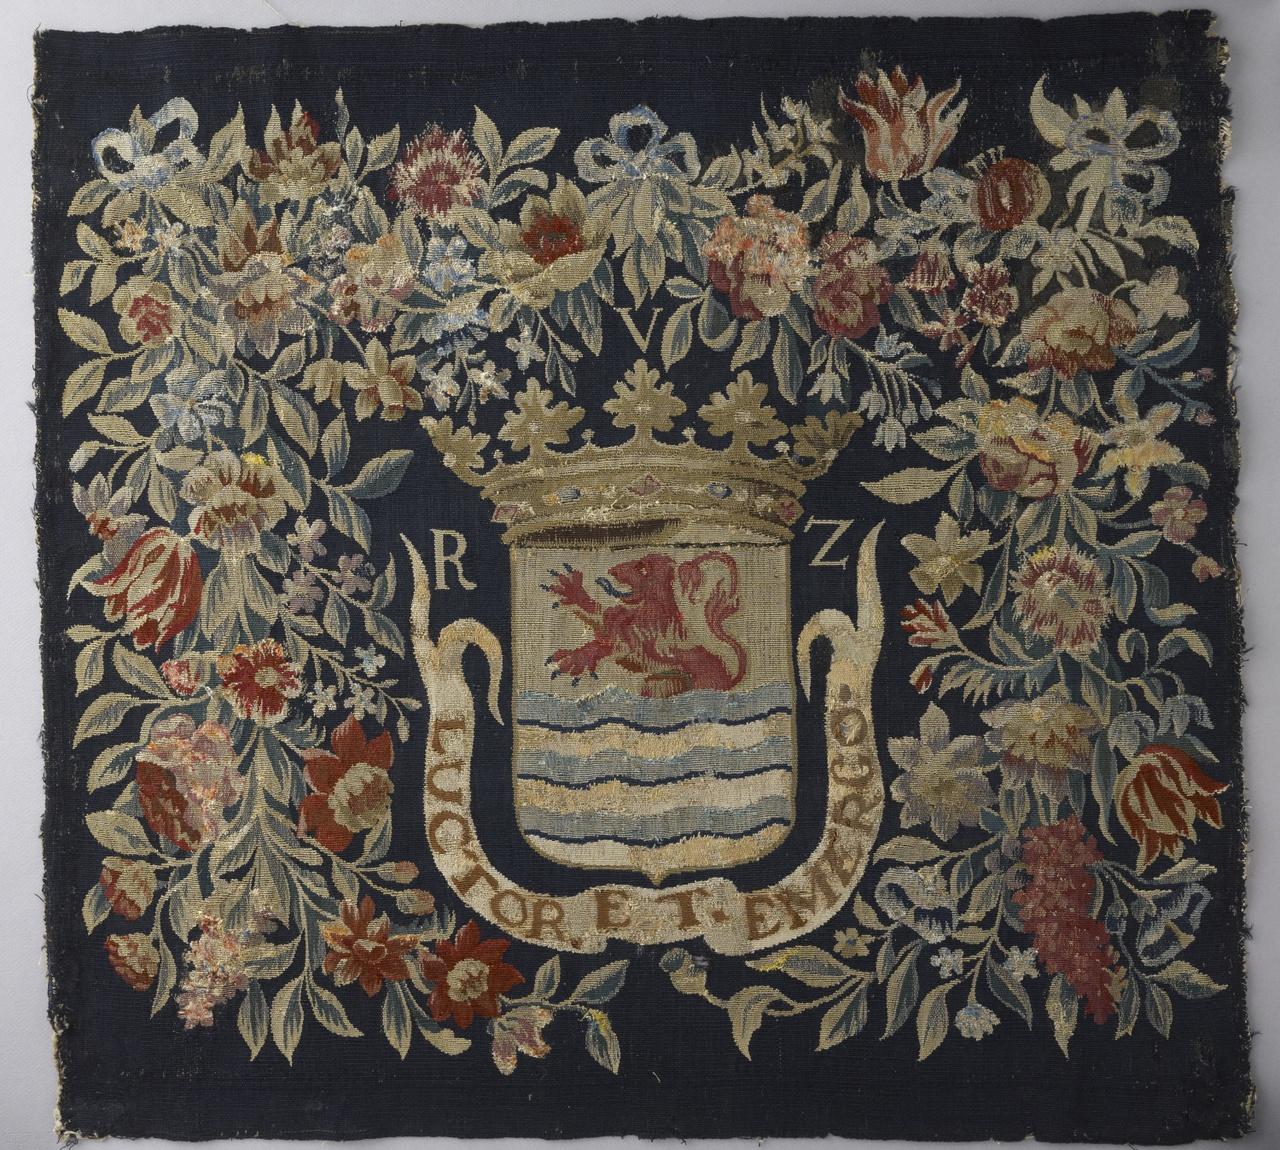 Voorpand van kussenovertrek met wapen van de Gecomitteerde Raden van Zeeland